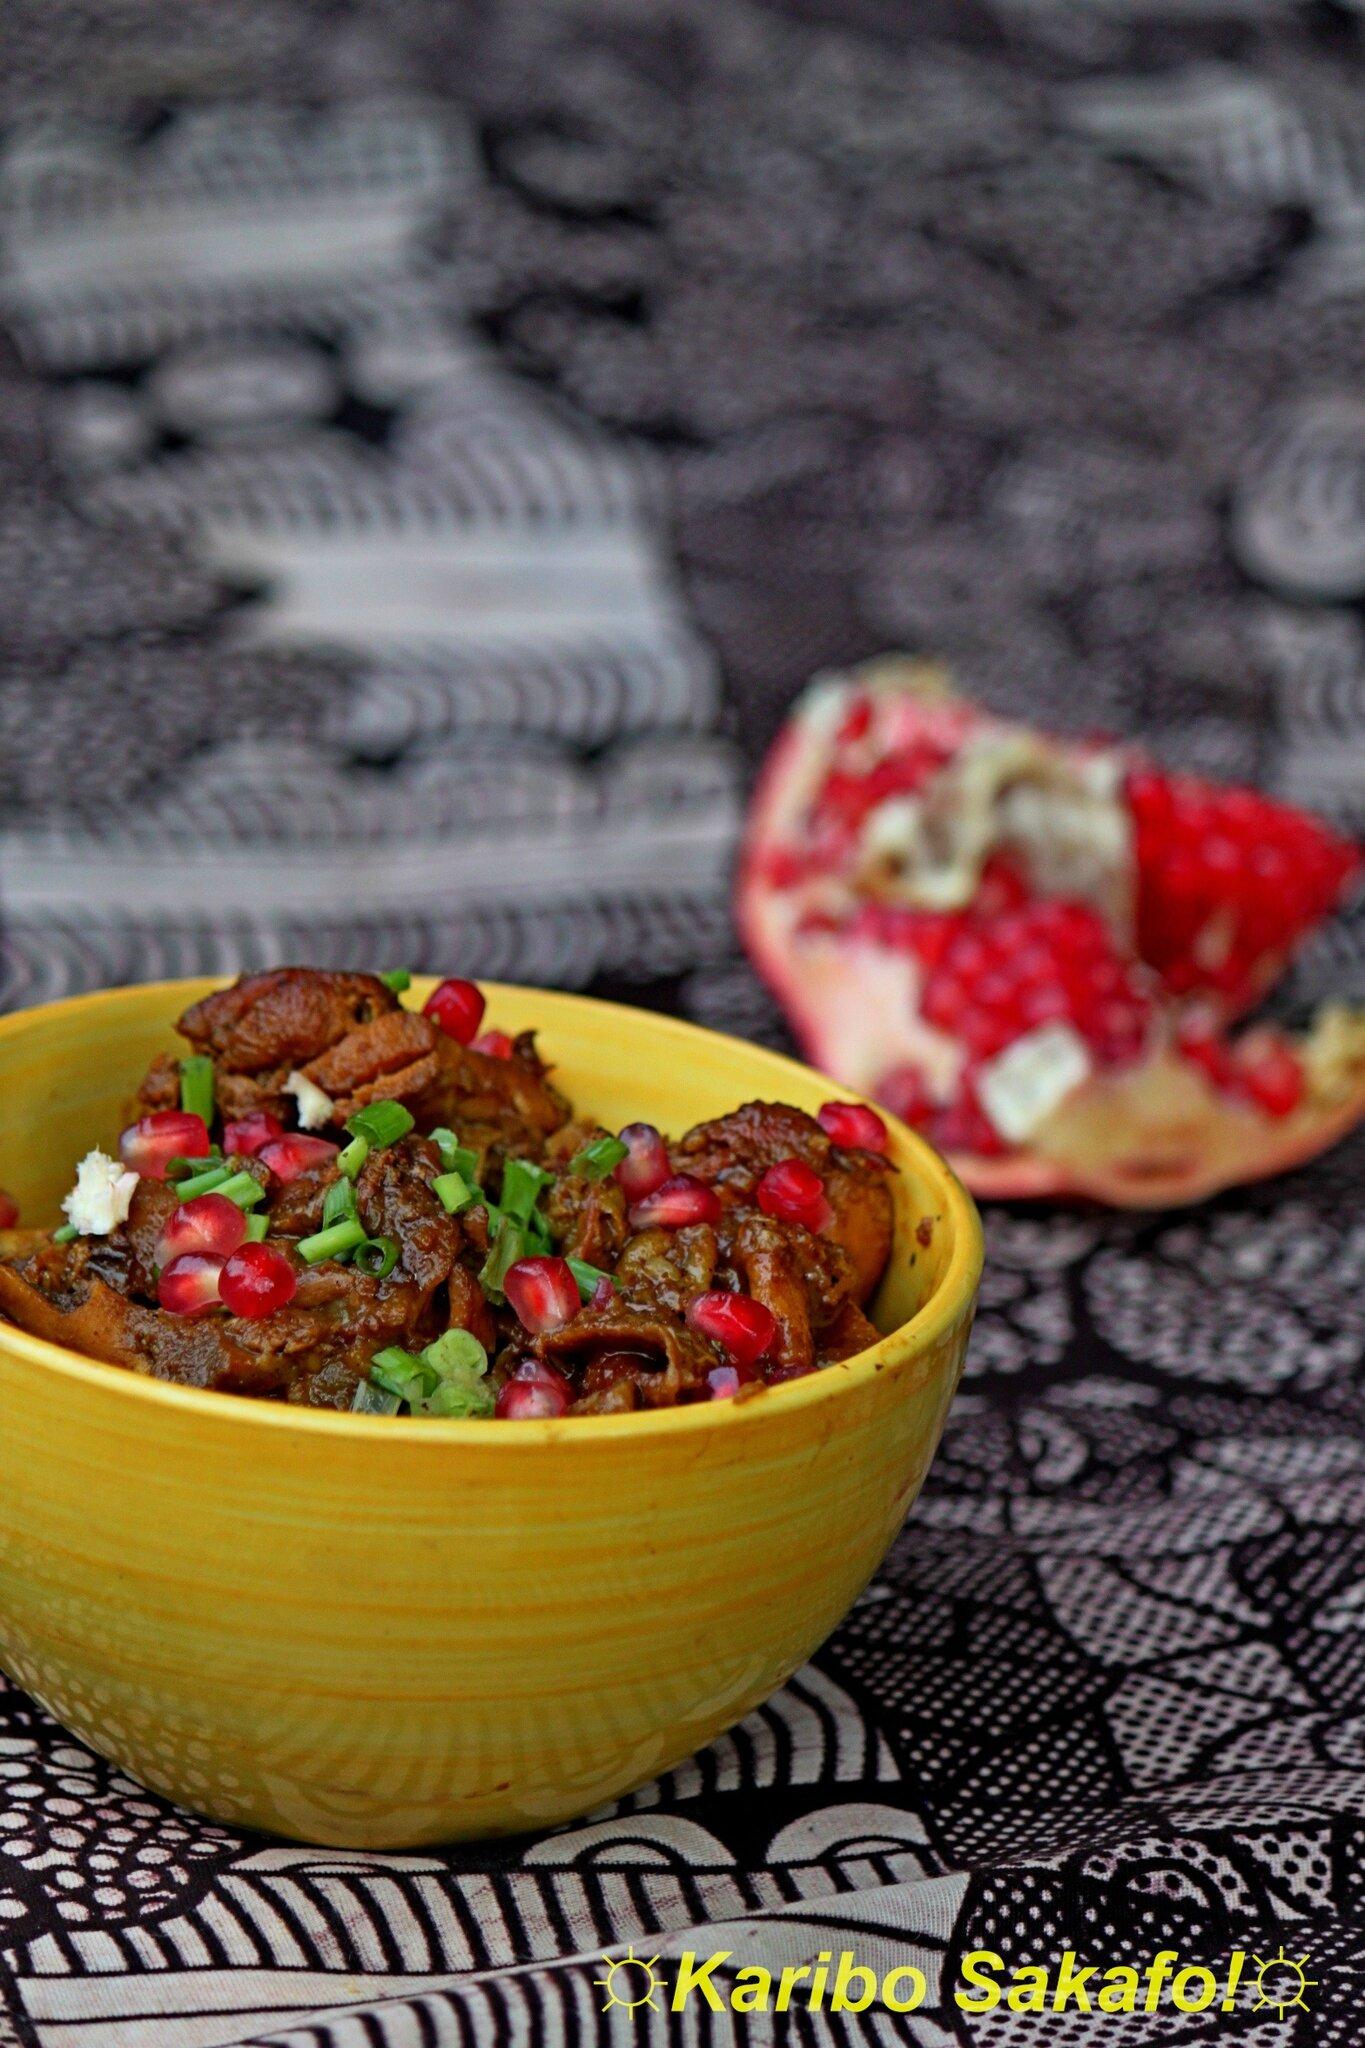 Koresh fesenjan (ragoût de poulet iranien aux noix et à la mélasse de grenade)